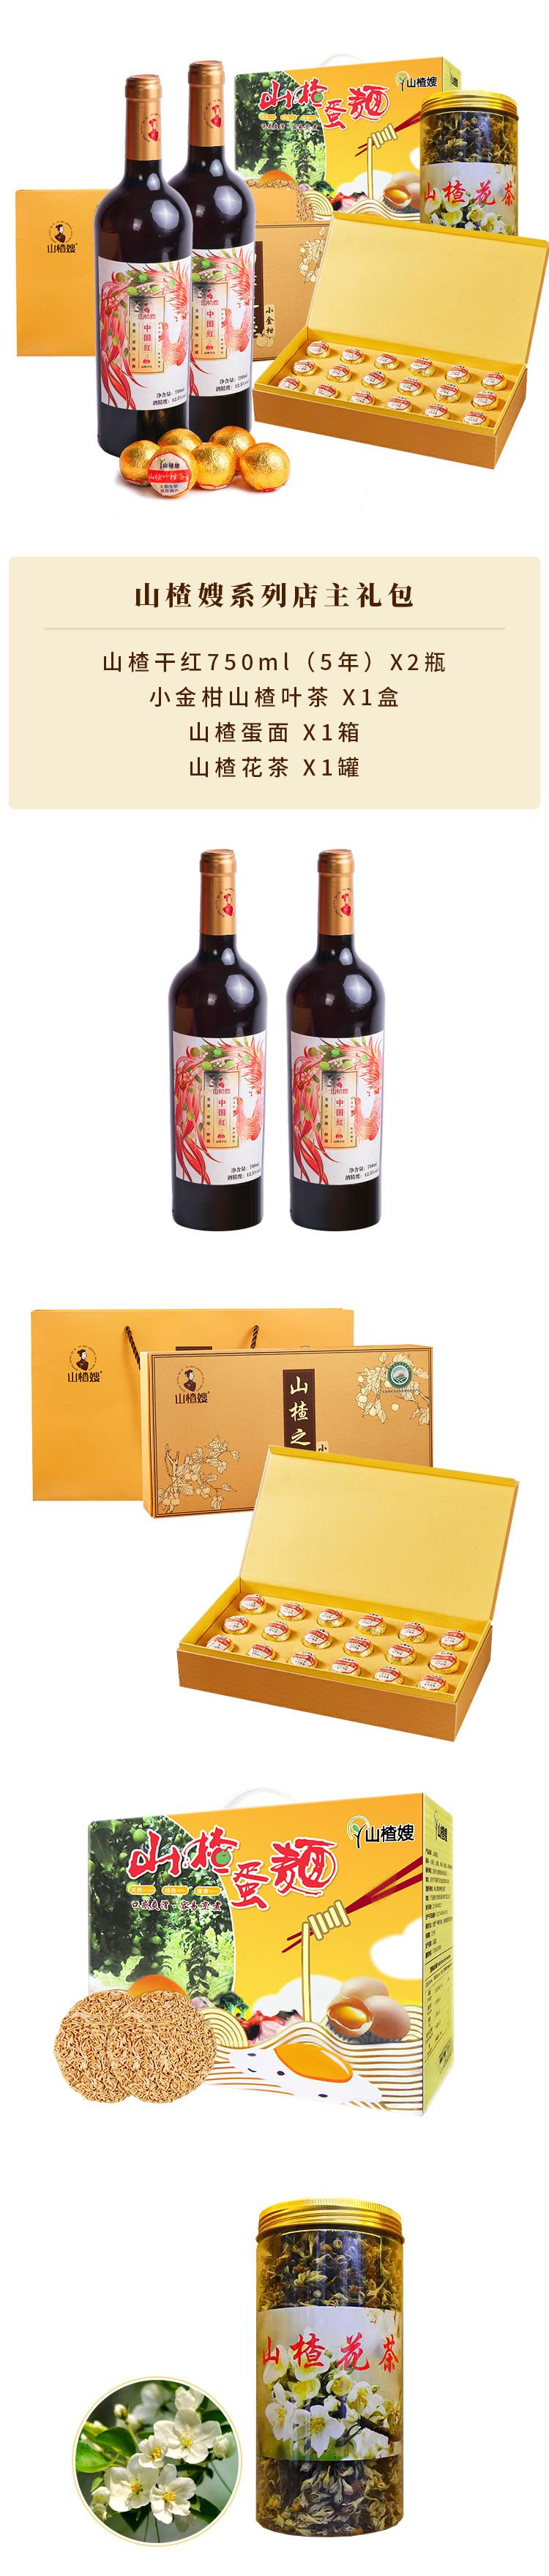 酒+茶+面+花茶-店主礼包-详情图.jpg